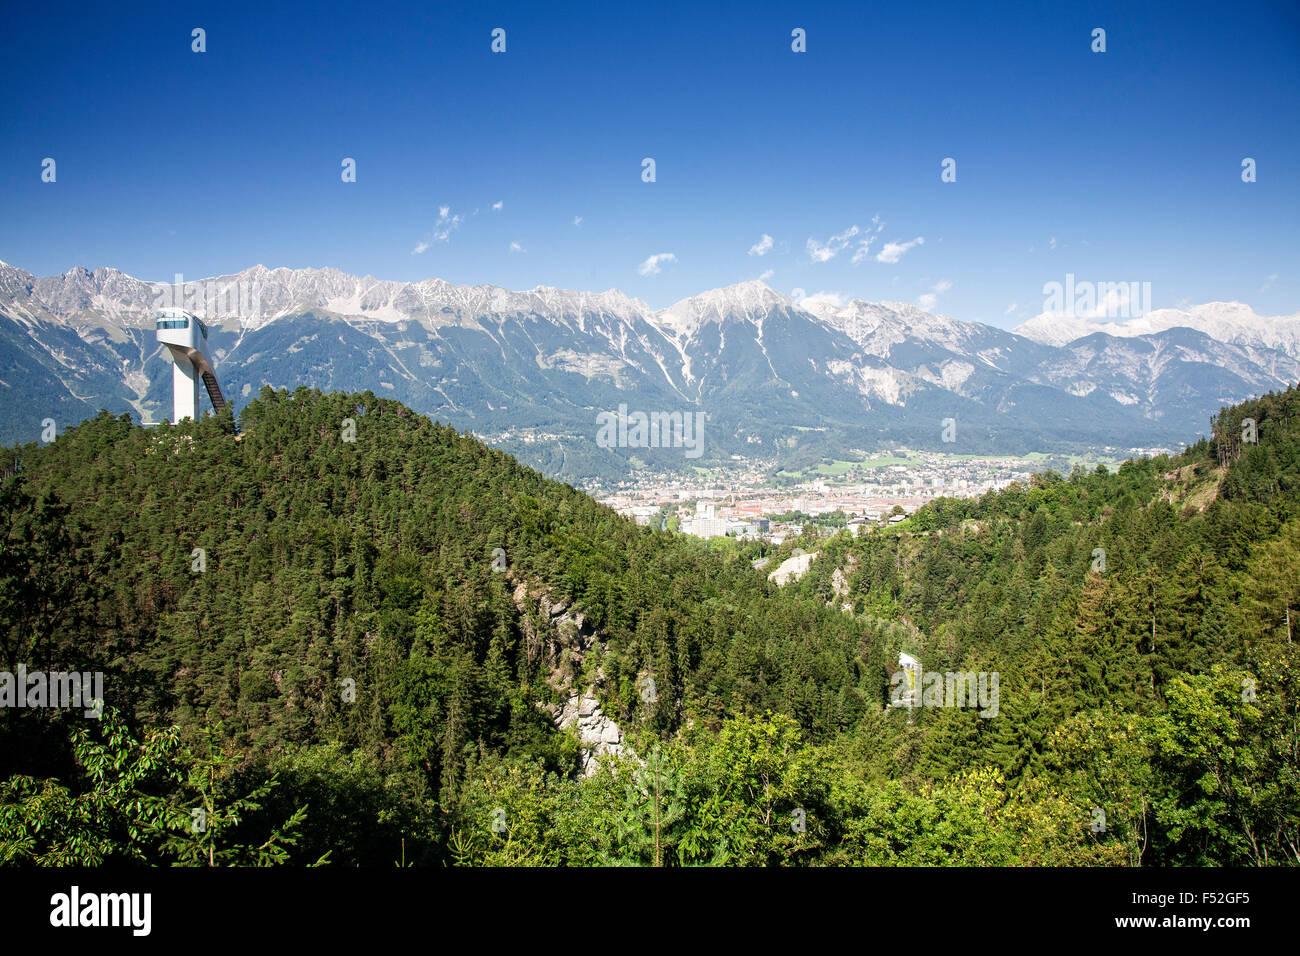 The Bergisel Ski Jump outside of Innsbruck Austria. - Stock Image